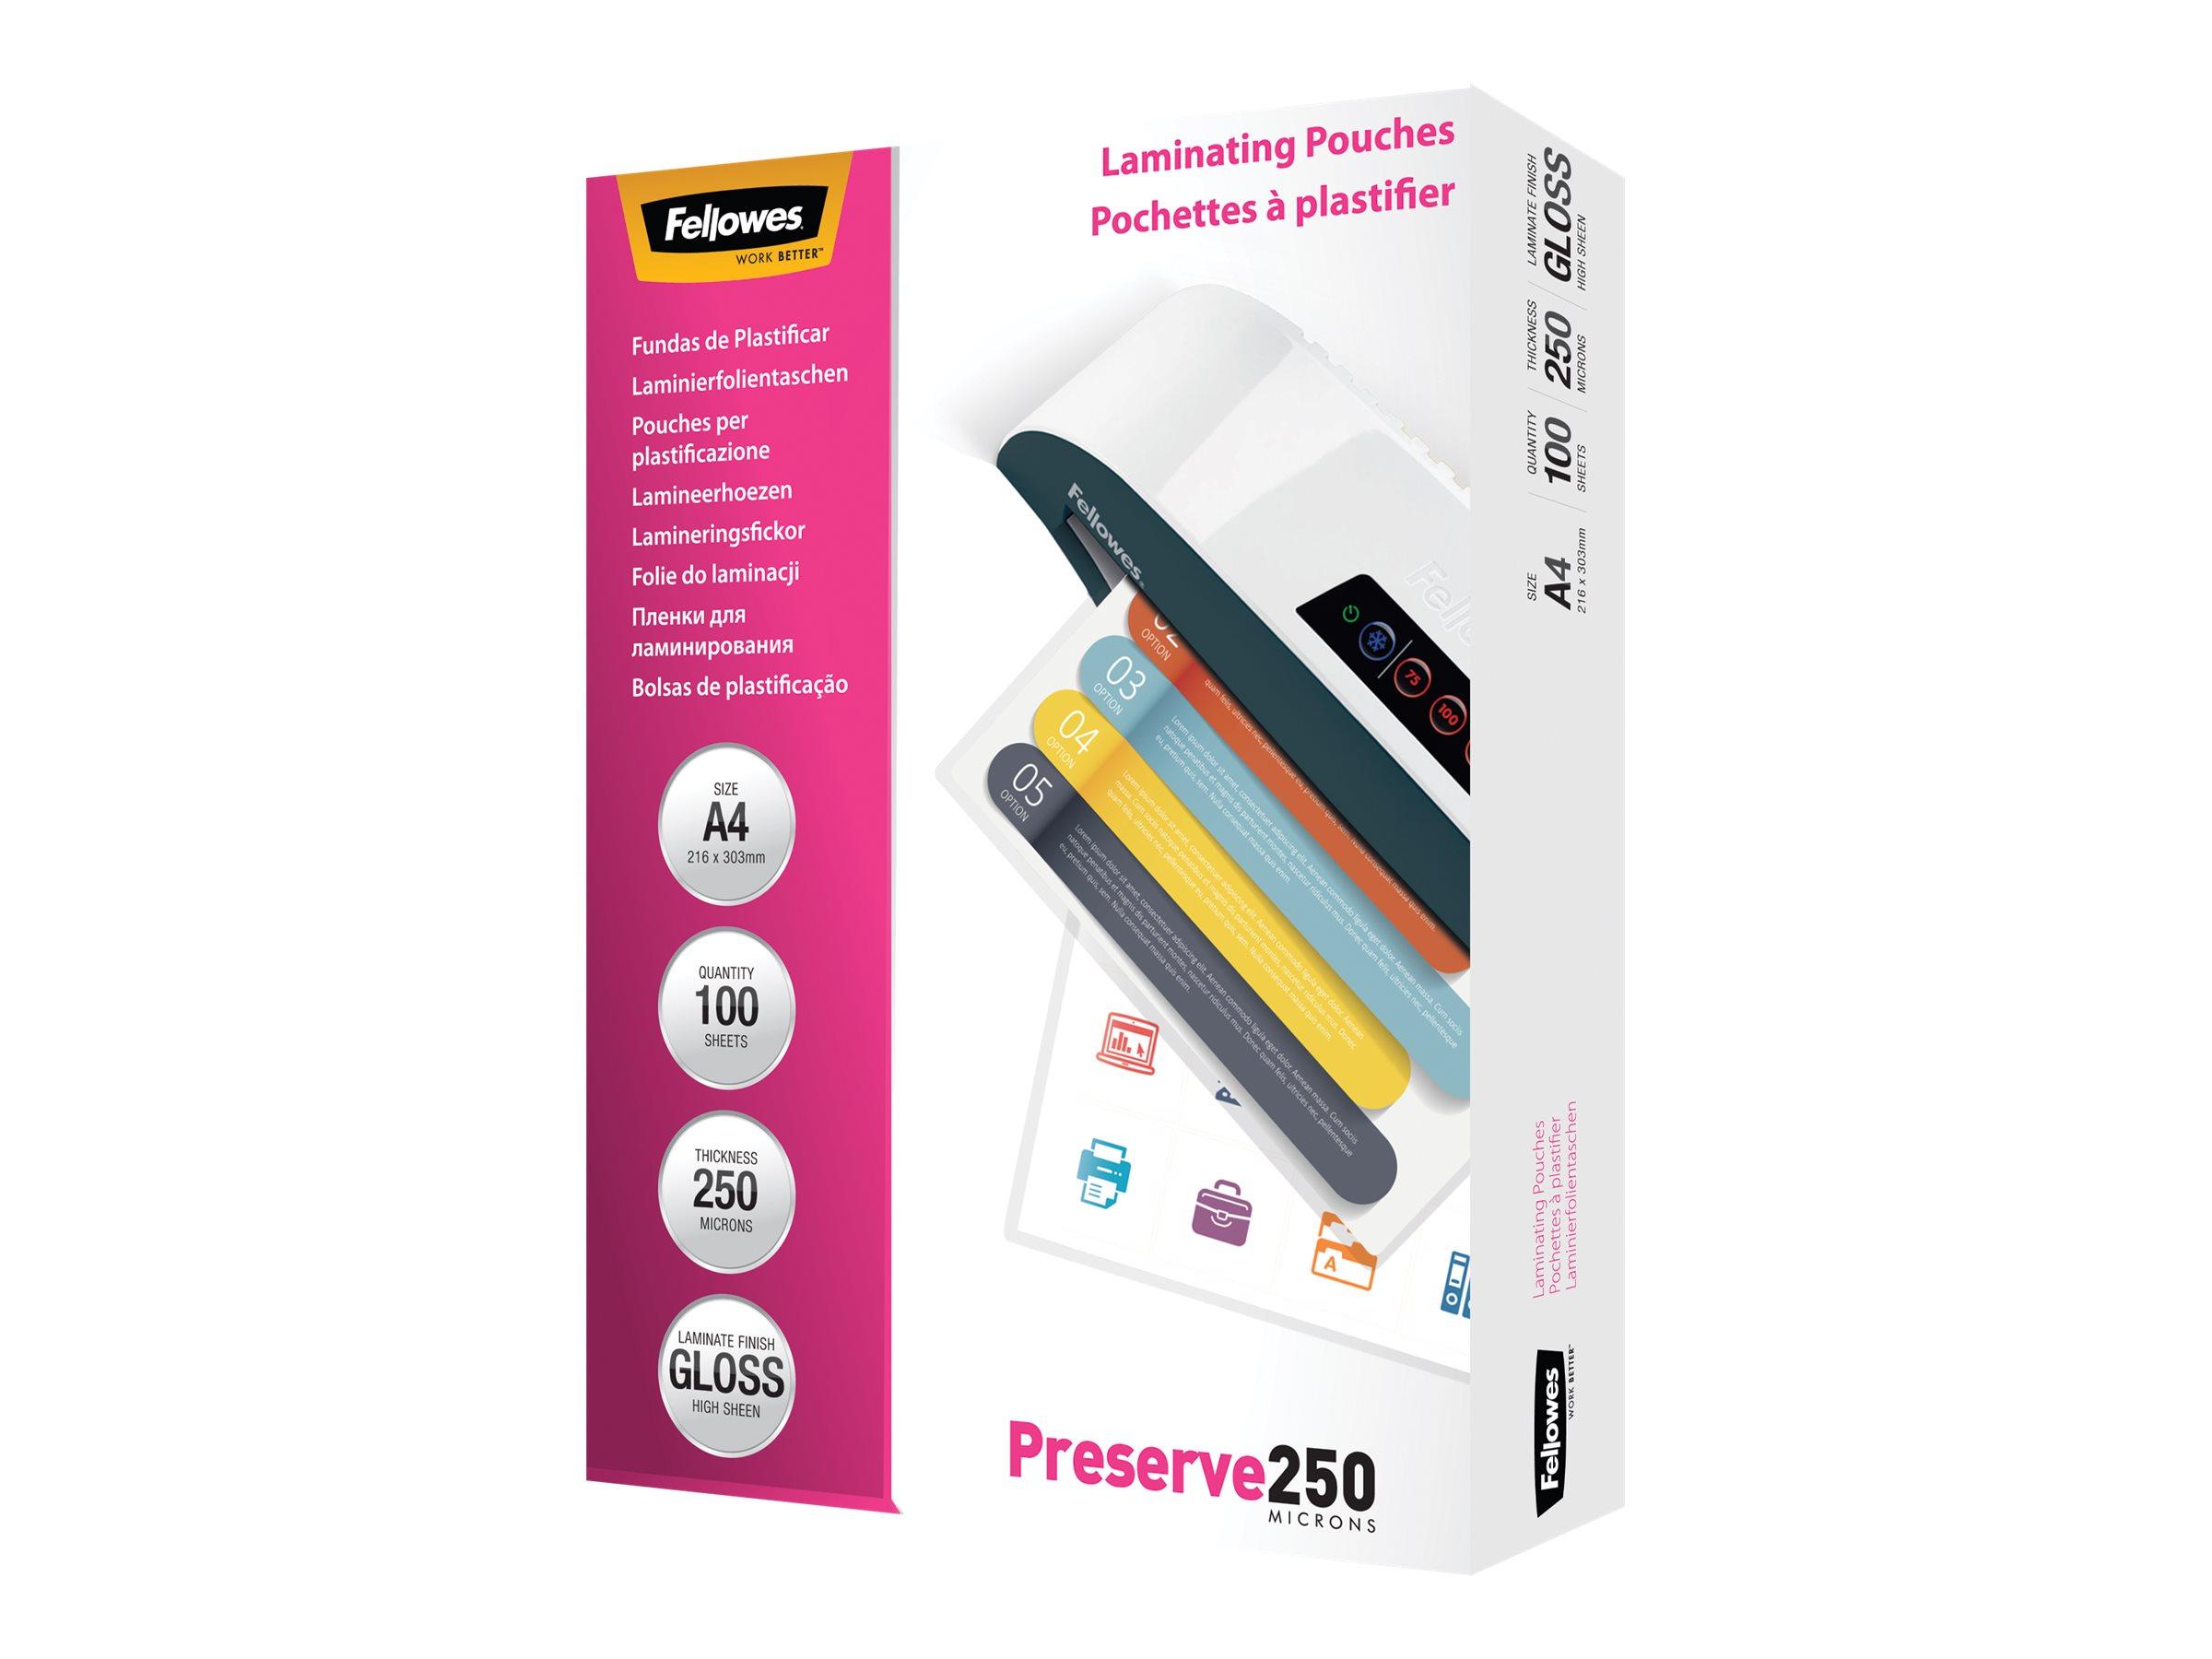 Fellowes Laminating Pouches - 125 microns pack de 100 - 54 x 86 mm pochettes plastifiées